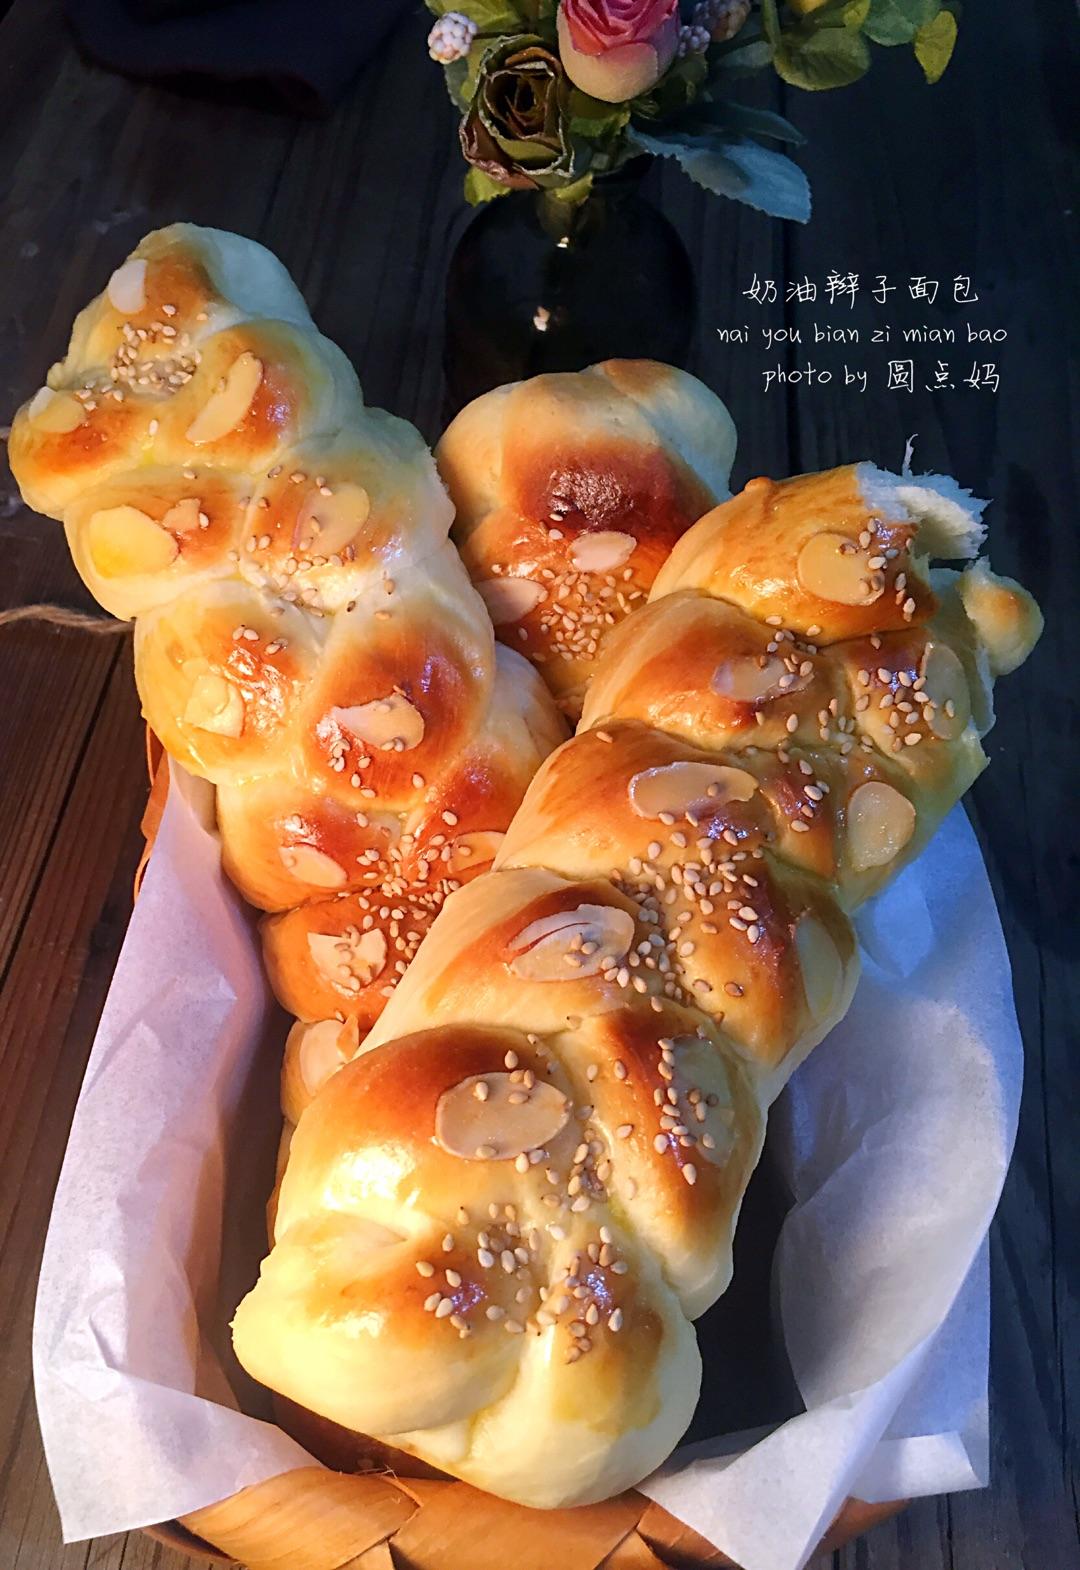 奶油辫子面包的做法步骤 小贴士 黄油在做面包的时候,就拿出软化